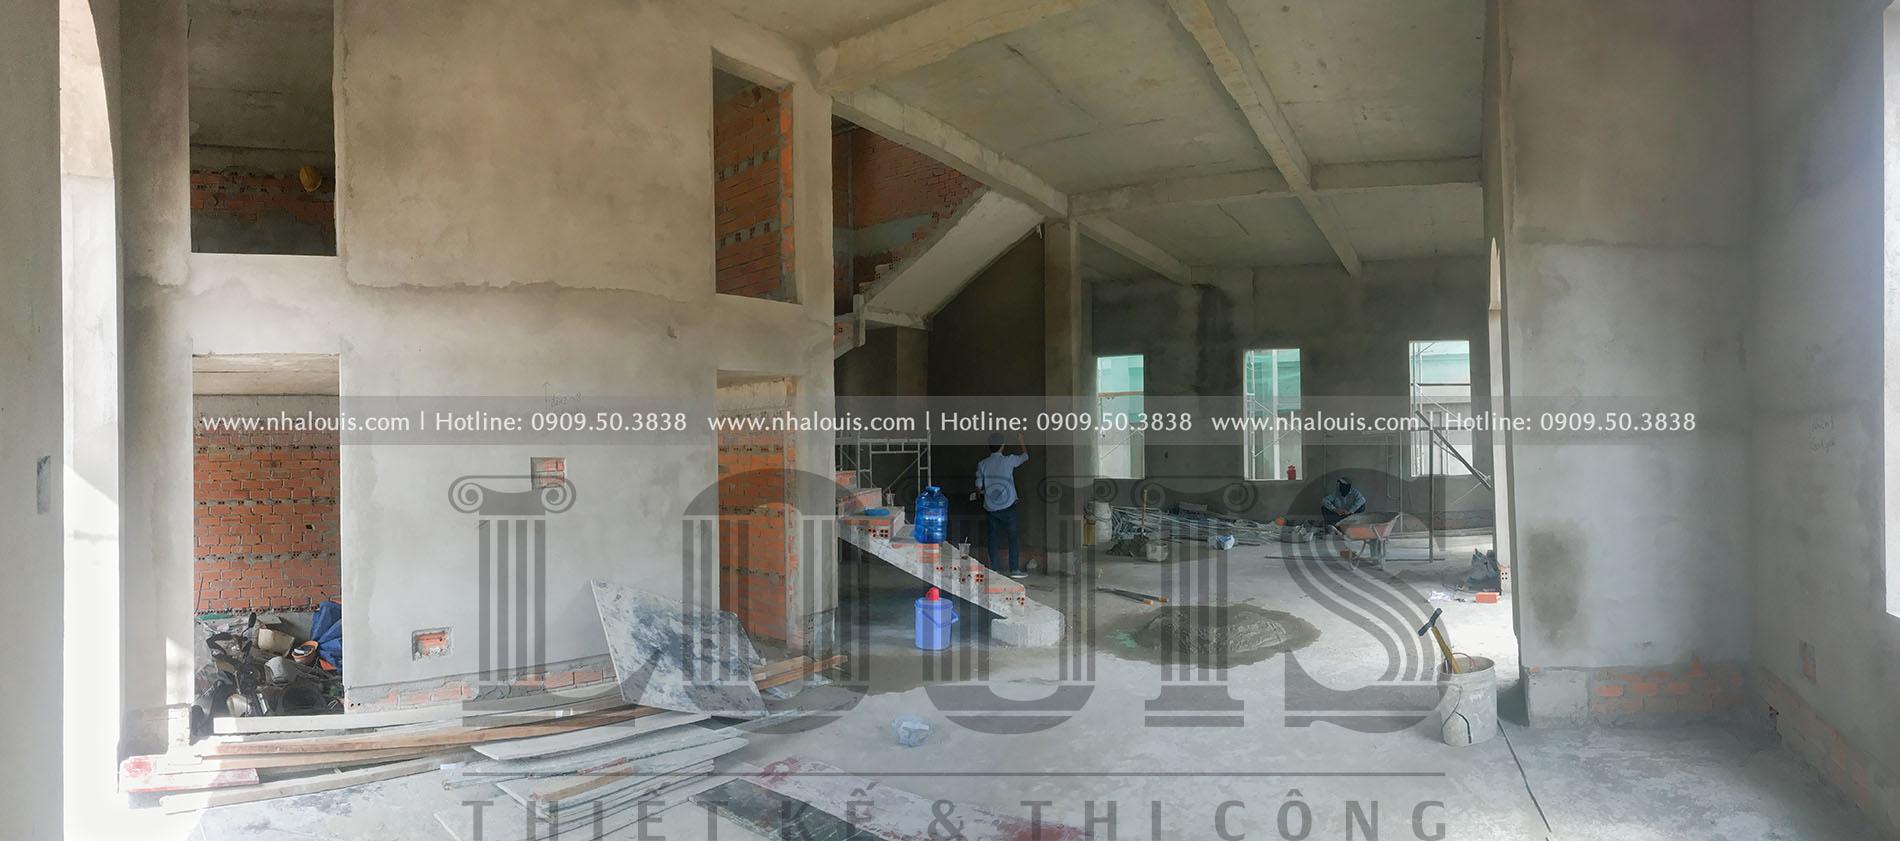 Thi công biệt thự cổ điển 2 tầng sang trọng tại Bến Tre